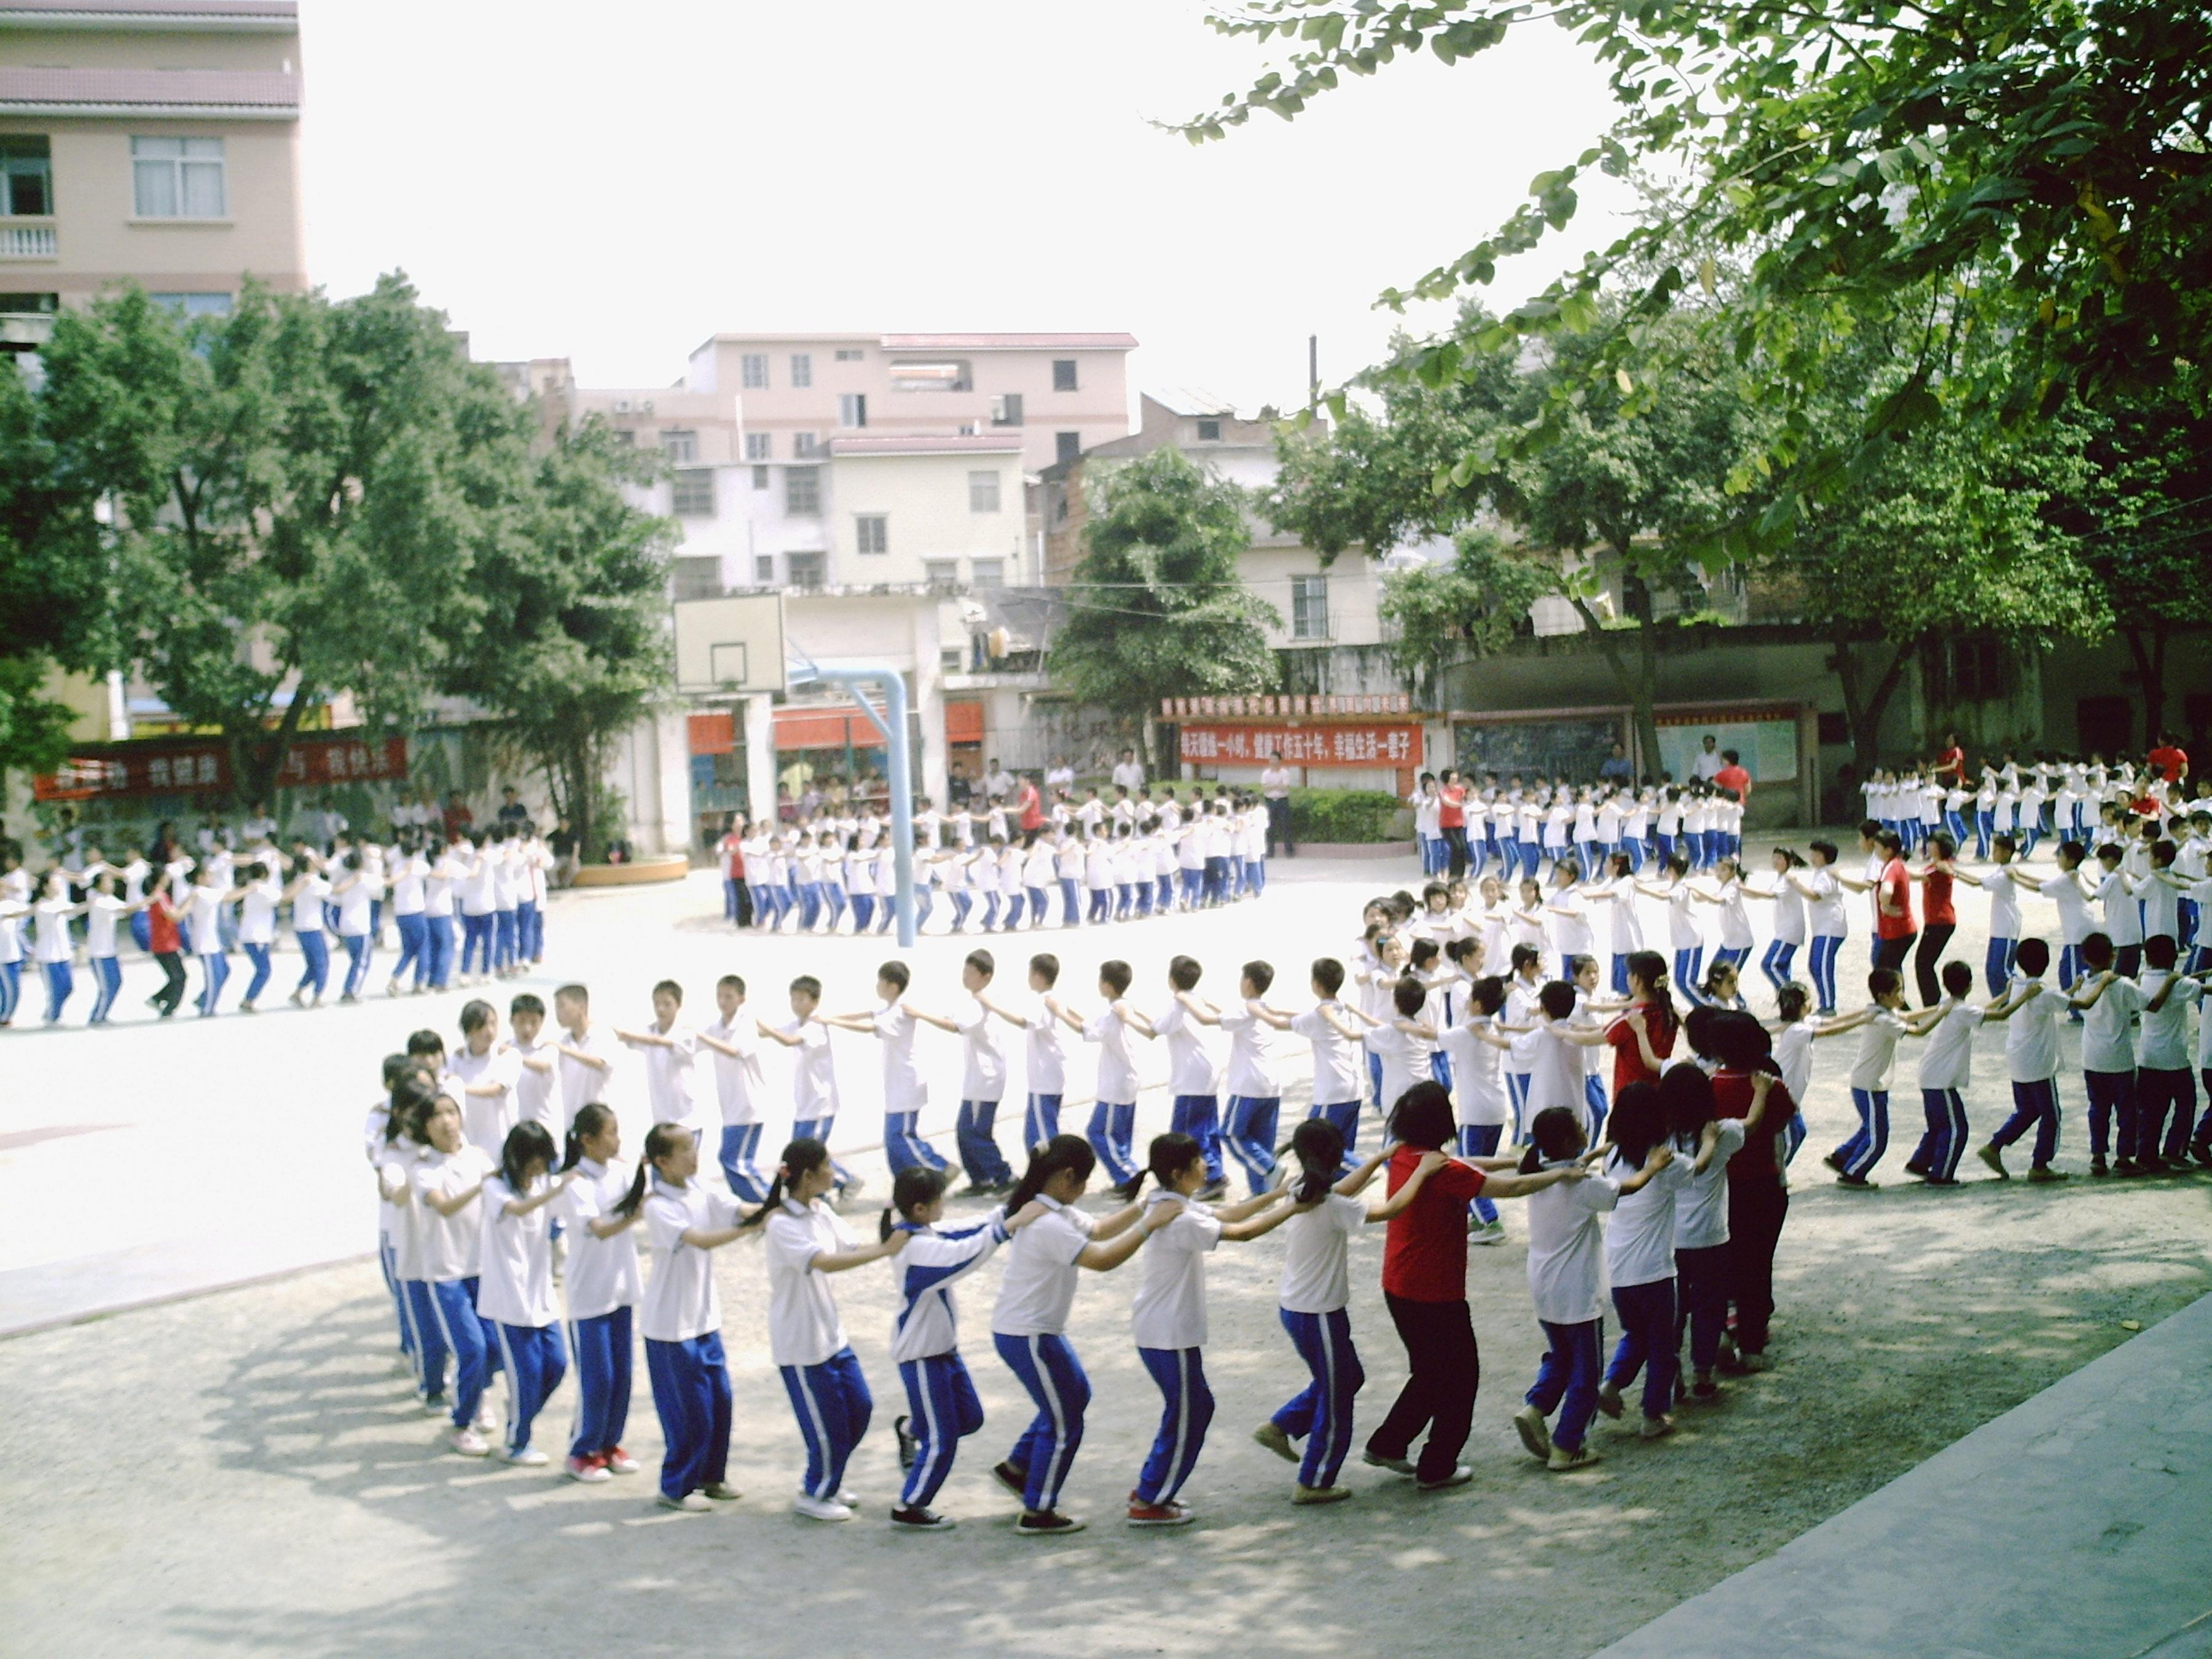 广东省青少年体育新起点上谋求跨越发展